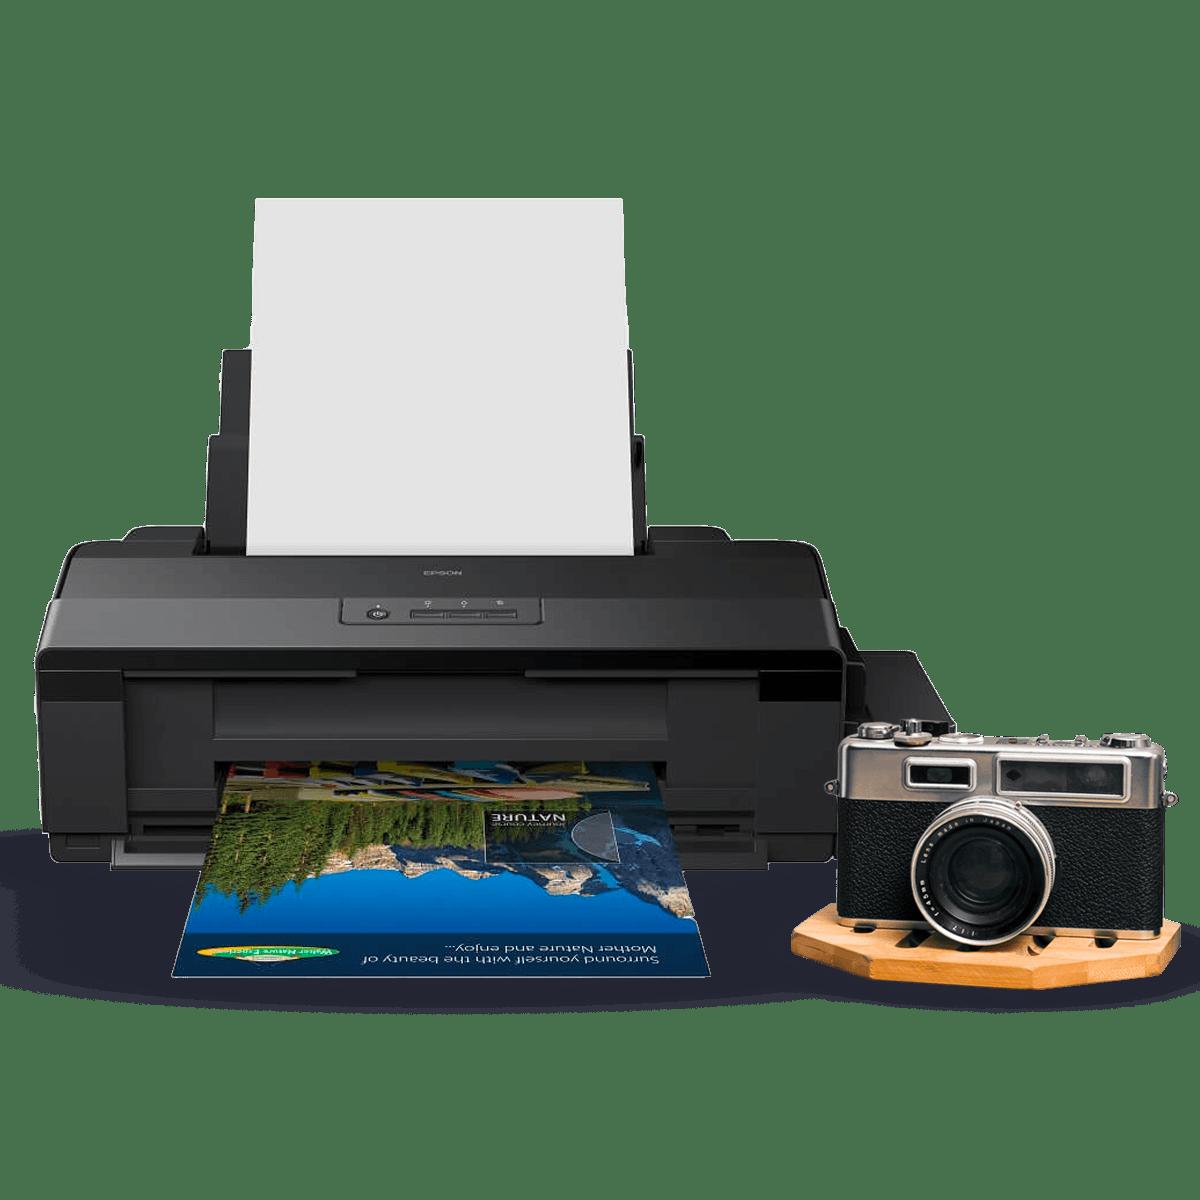 Impresoras Ecotank  ideal para impresiones fotográficas de calidad